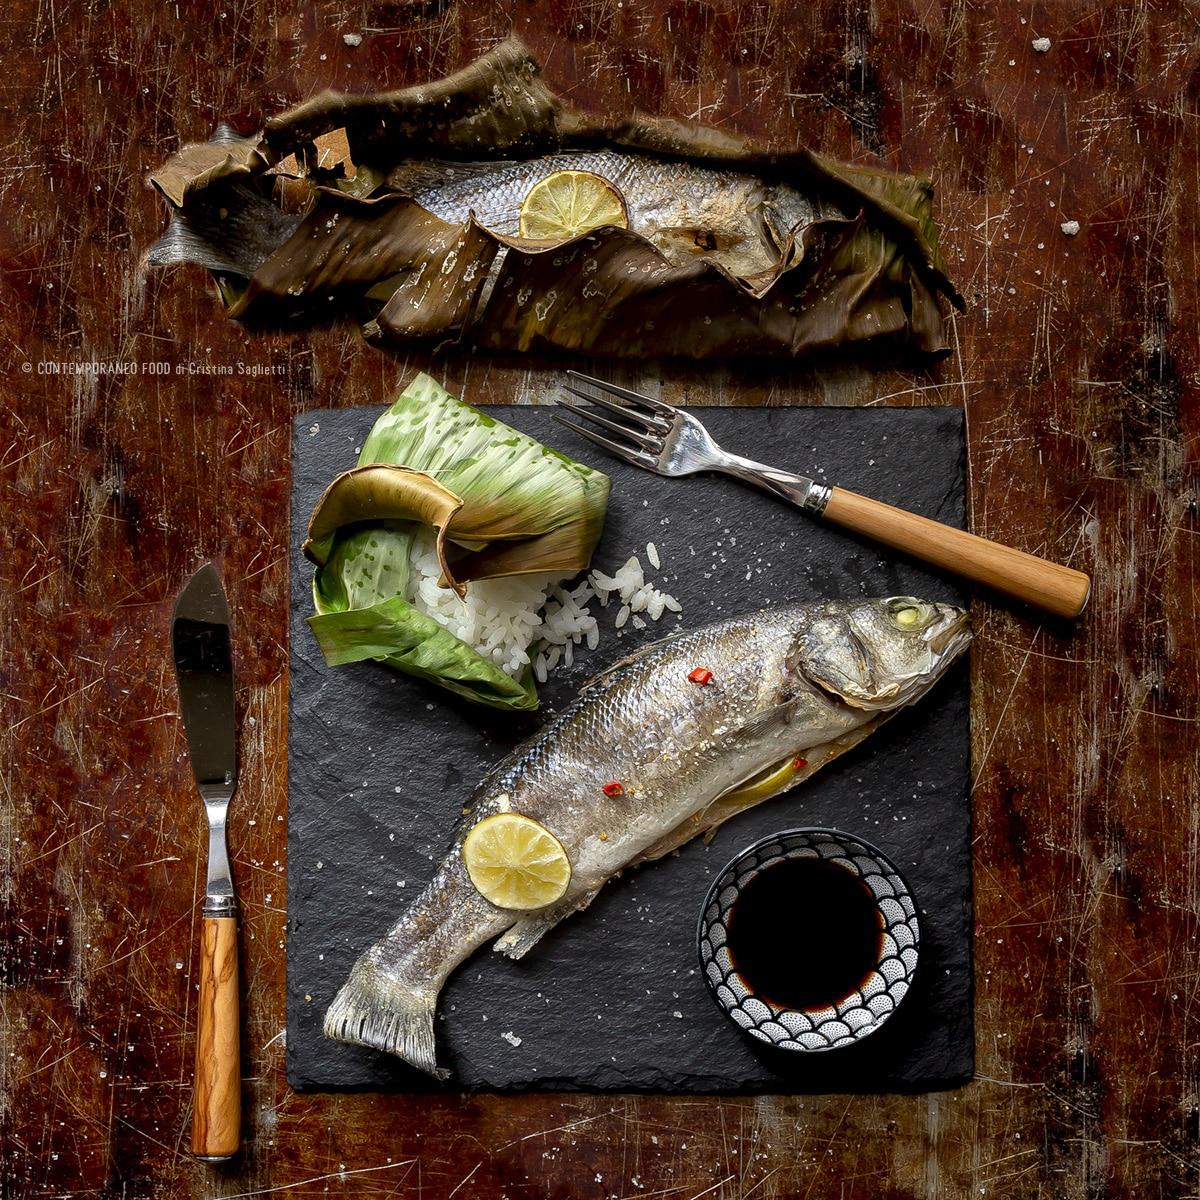 branziono-in-foglie-di banano-ricetta-last-minute-pesce-facile-veloce-contemporaneofood